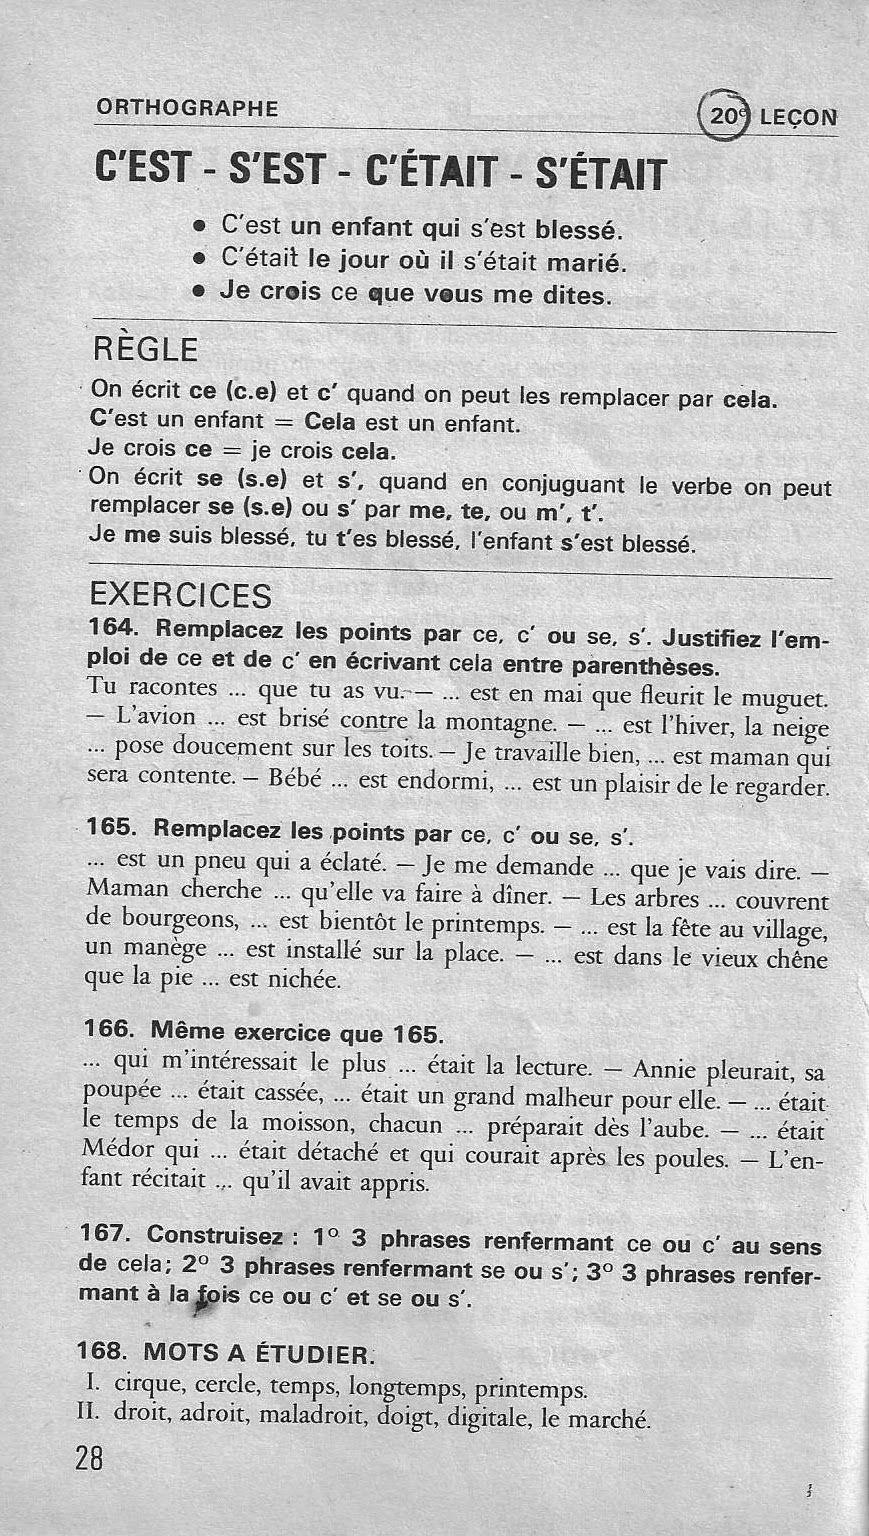 C Est Ou S Est Règle : règle, Manuels, Anciens:, Bled,, Cours, D'orthographe, CE2-CM, (1979), Orthographe, Grammaticale, French, Expressions,